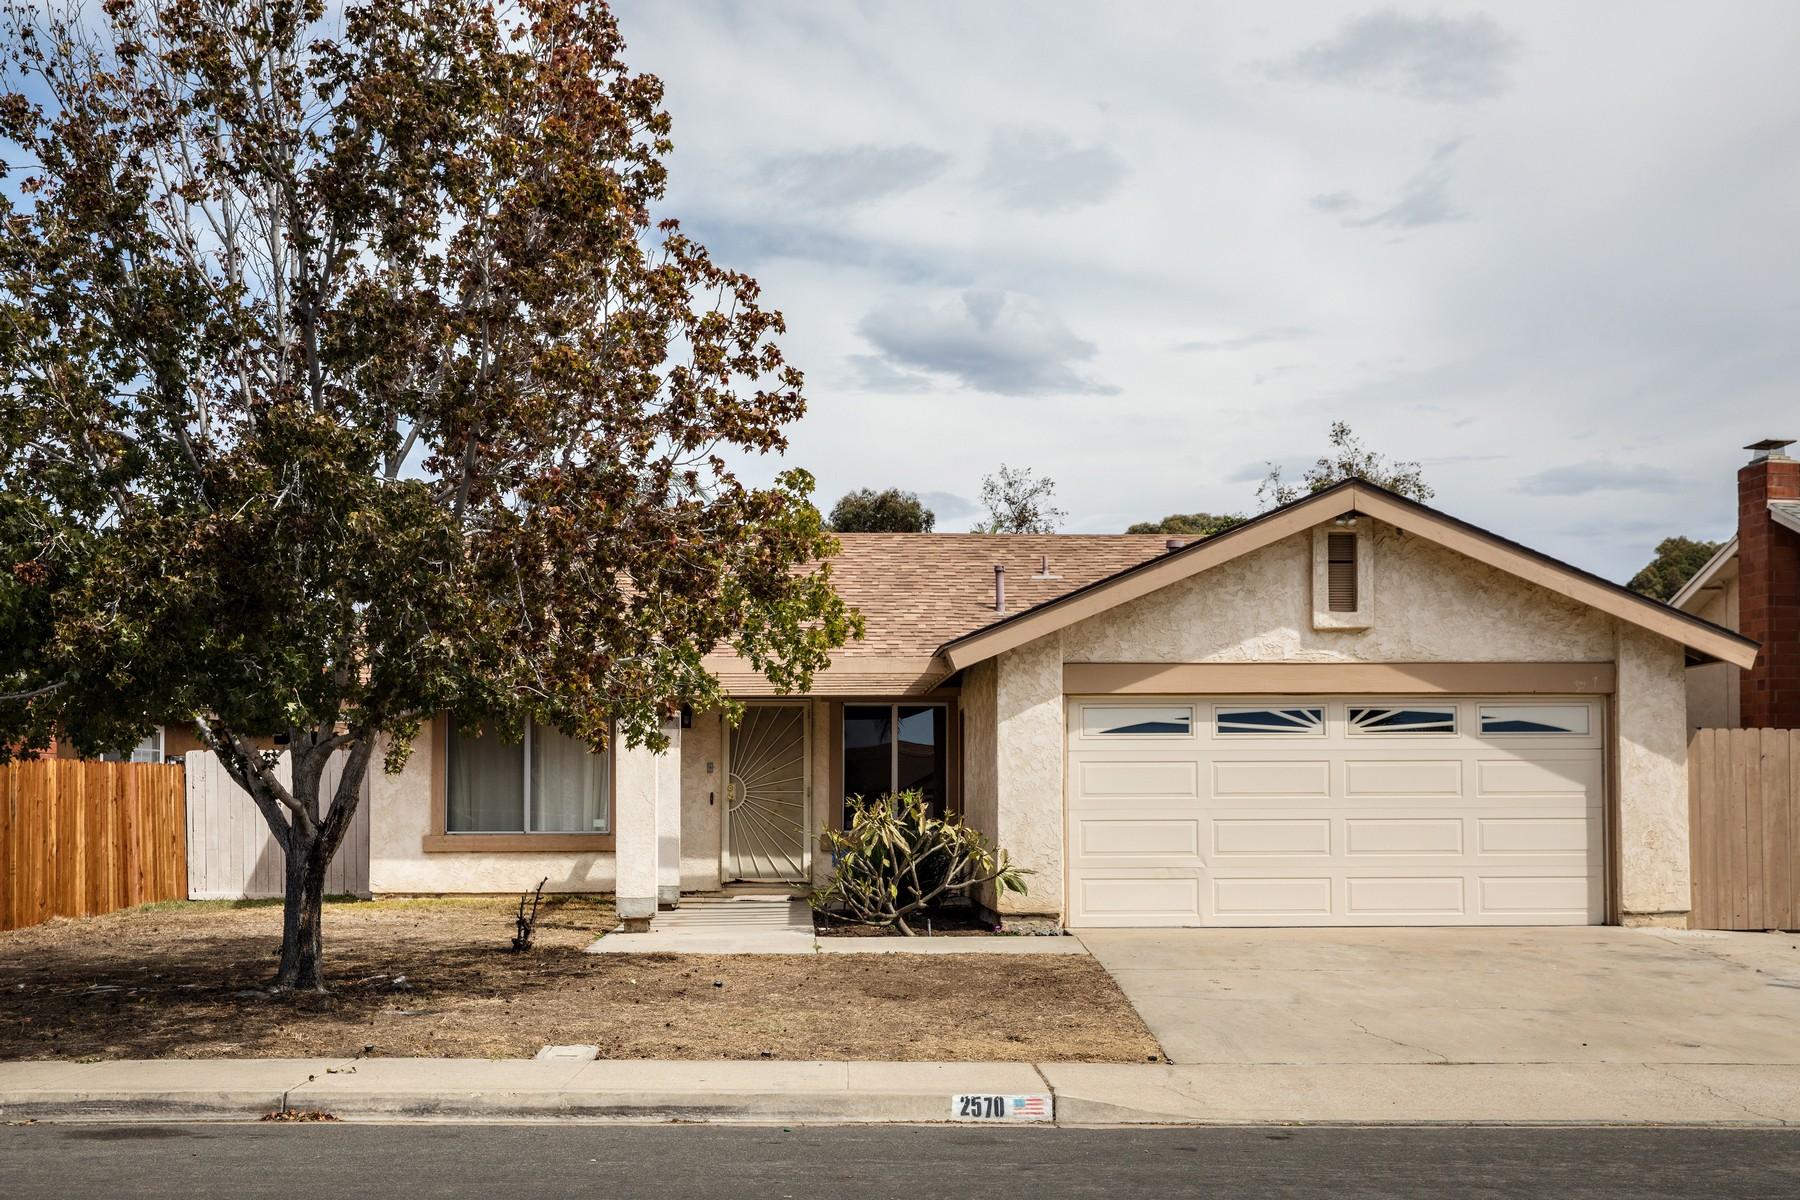 独户住宅 为 销售 在 2570 Biola Avenue 圣地亚哥, 加利福尼亚州, 92154 美国